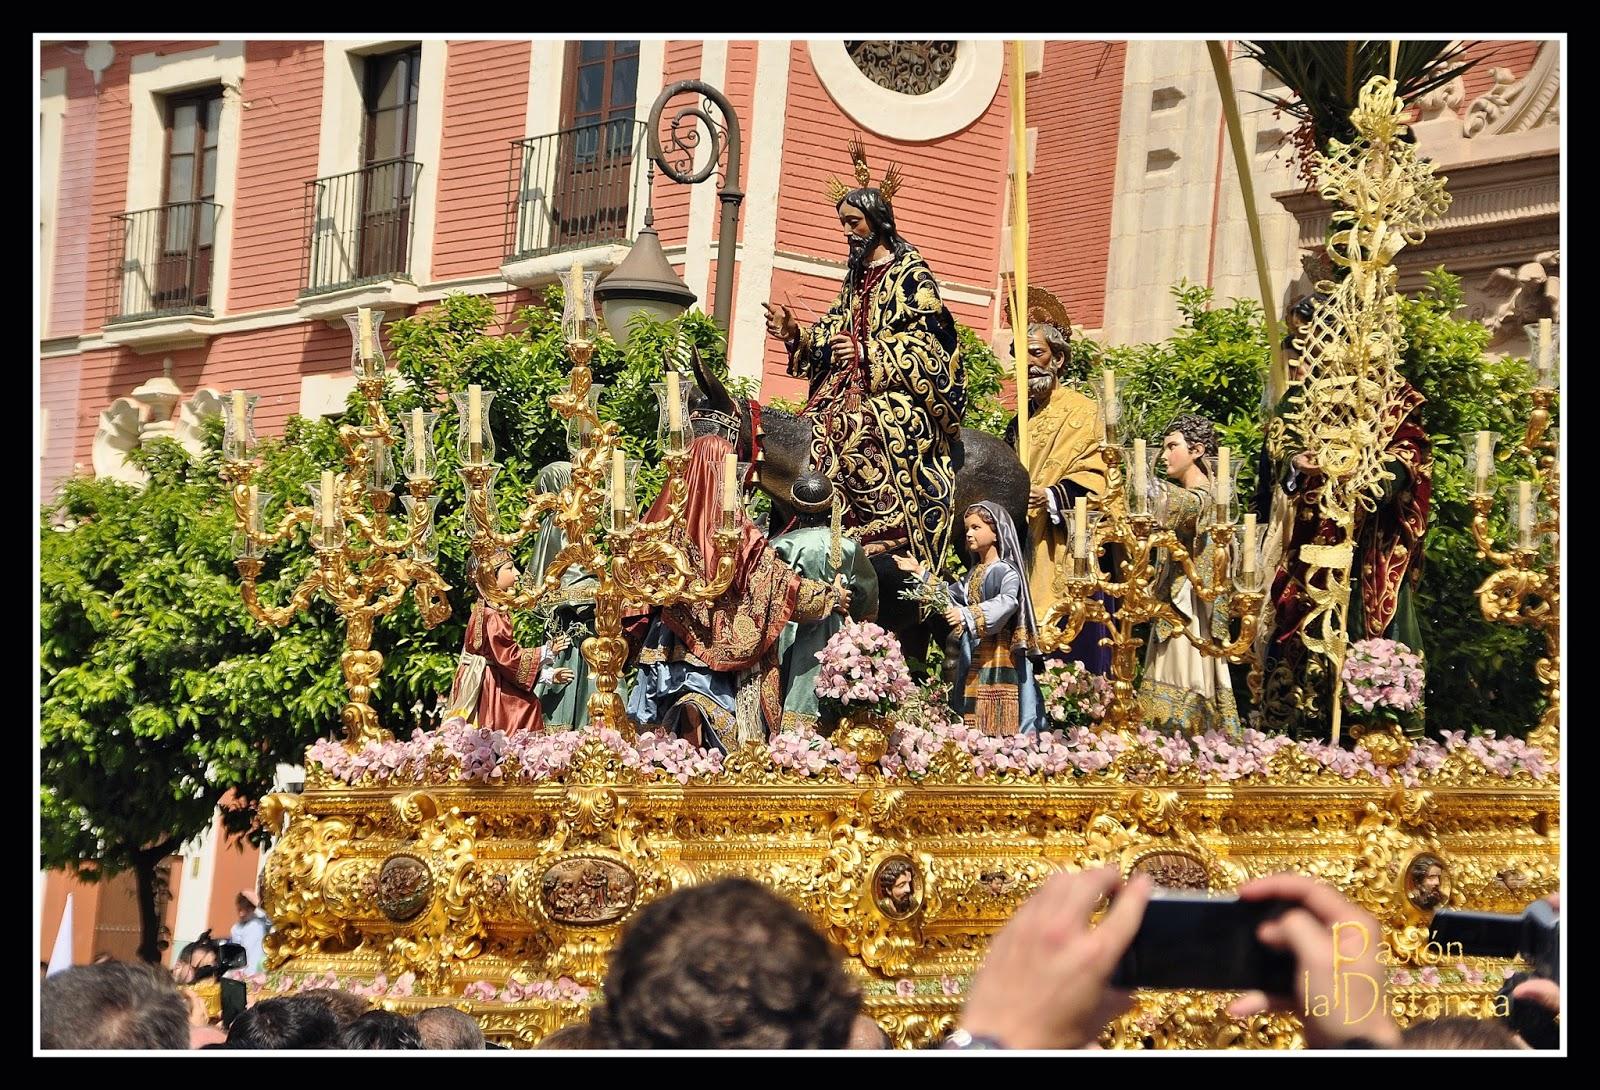 La-borriquita-salida-2015-Sevilla